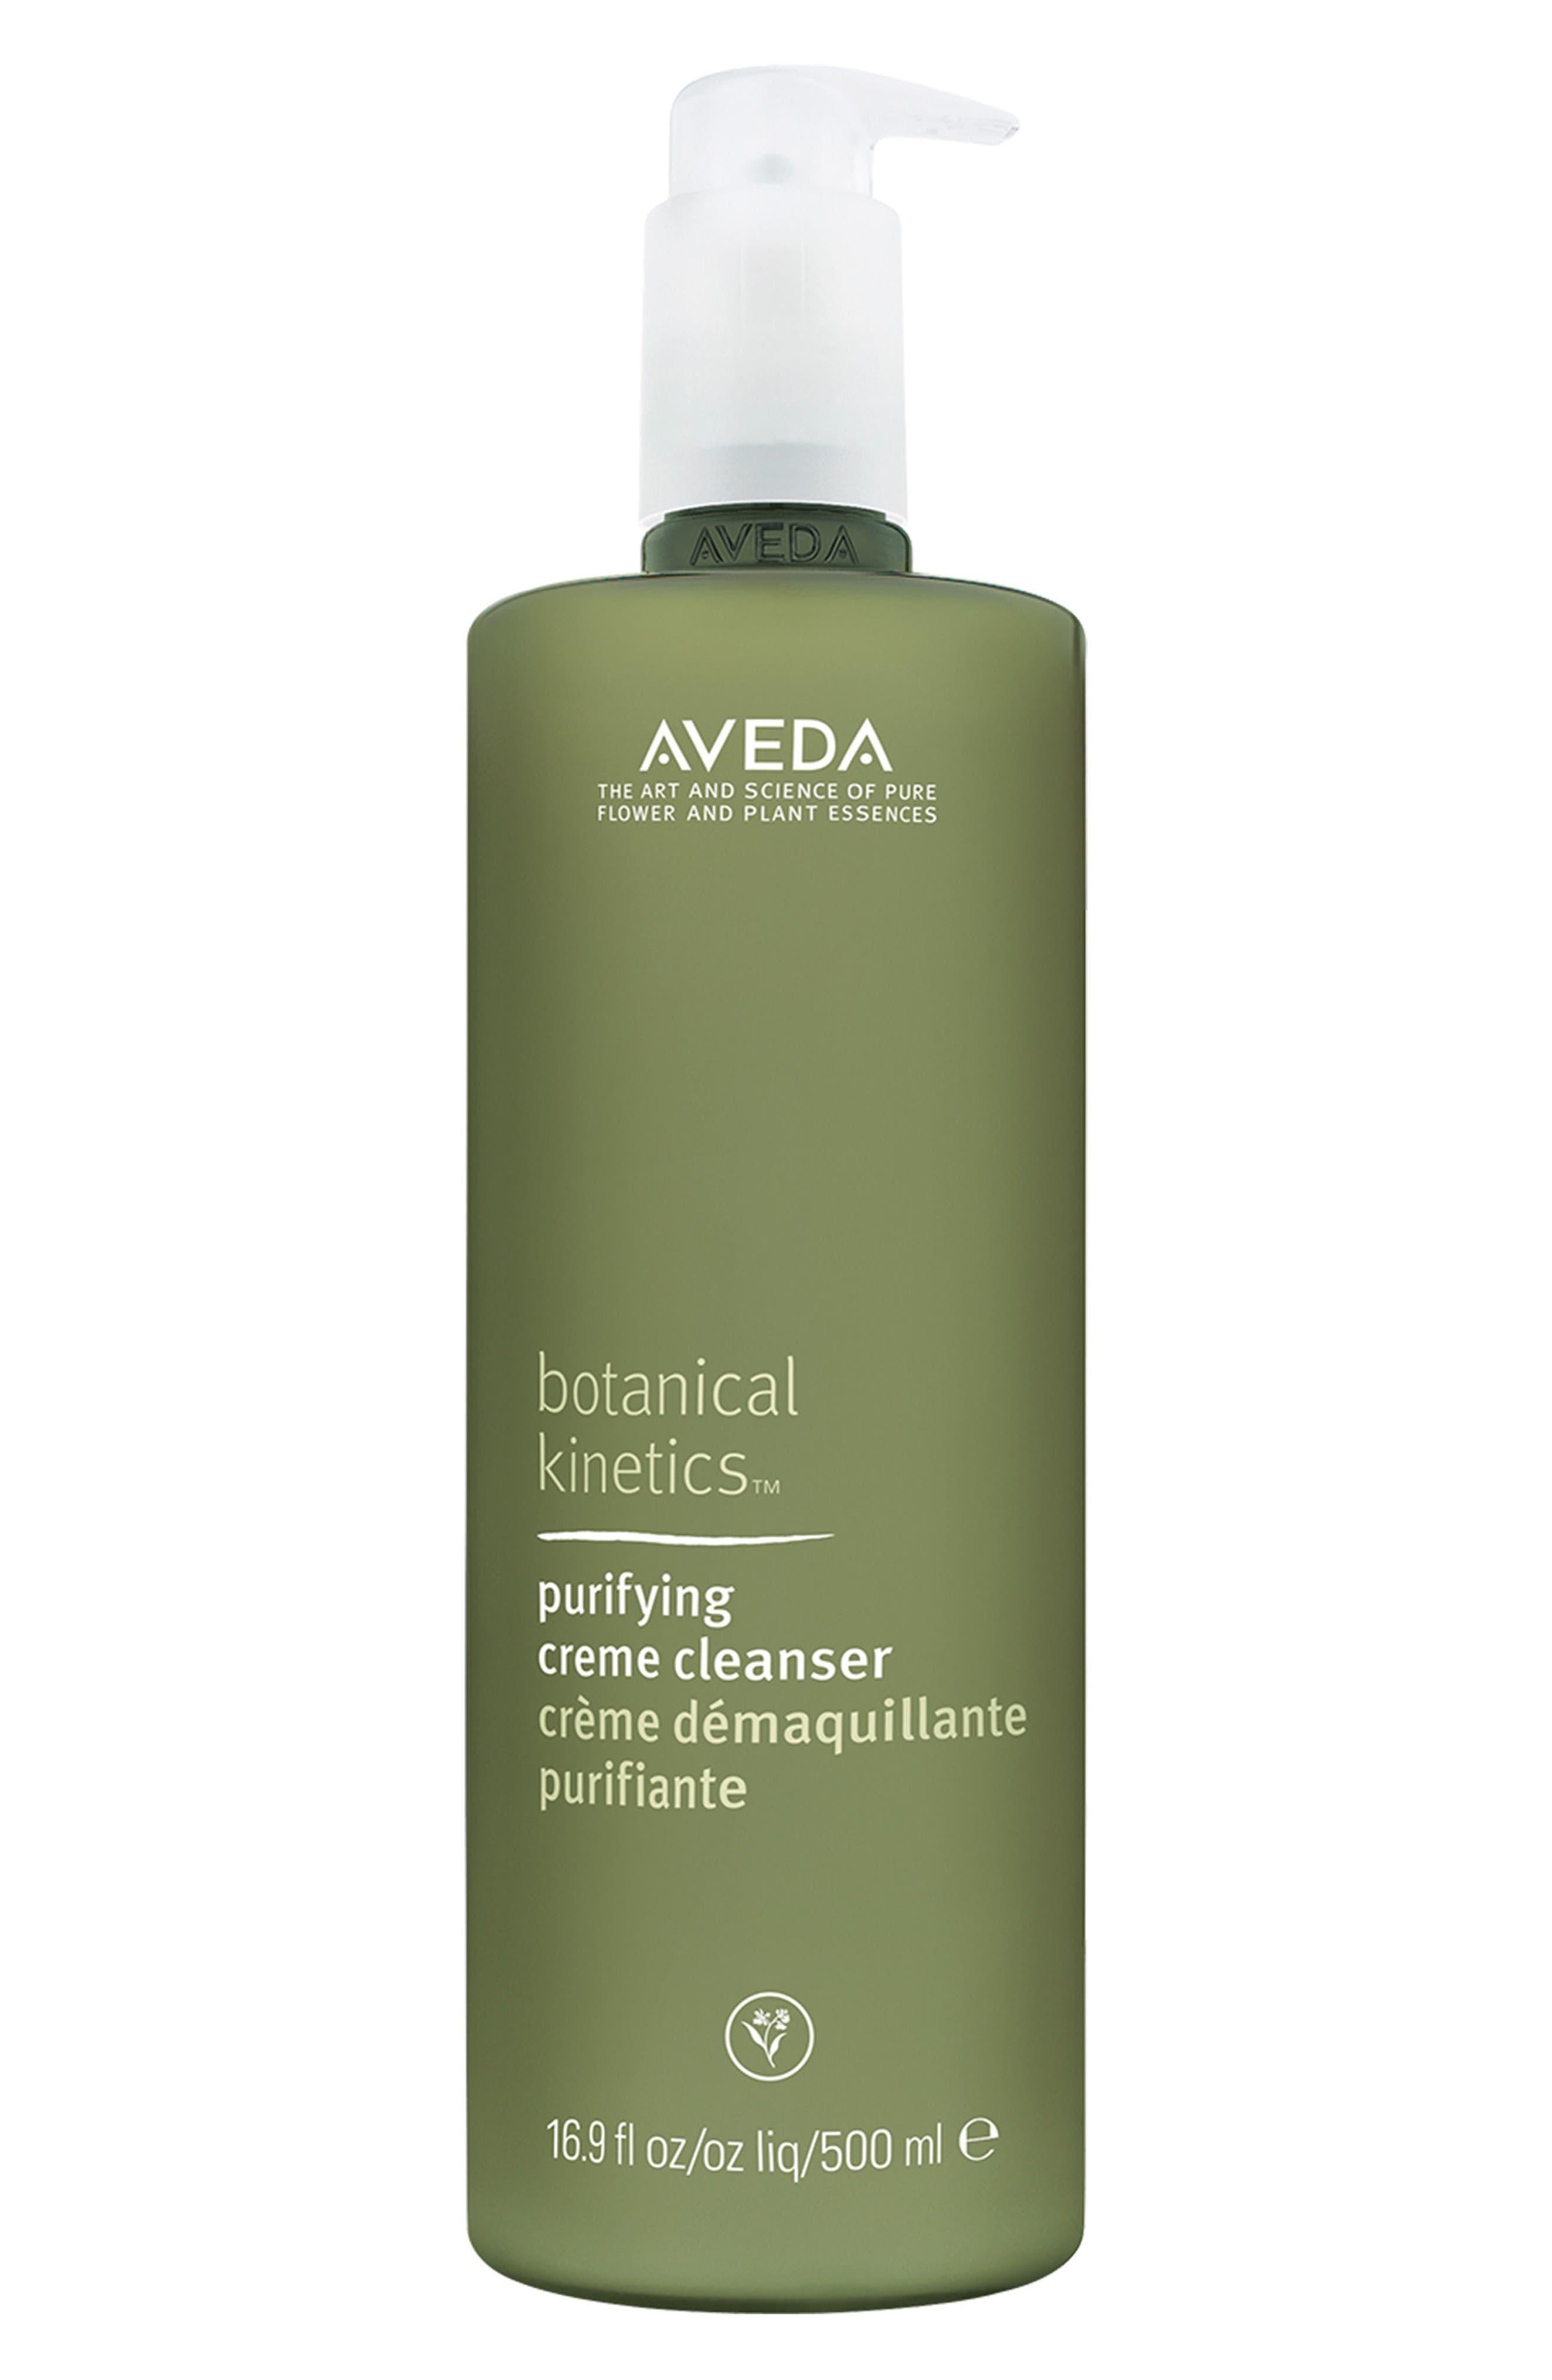 Aveda 'botanical kinetics™' Purifying Creme Cleanser